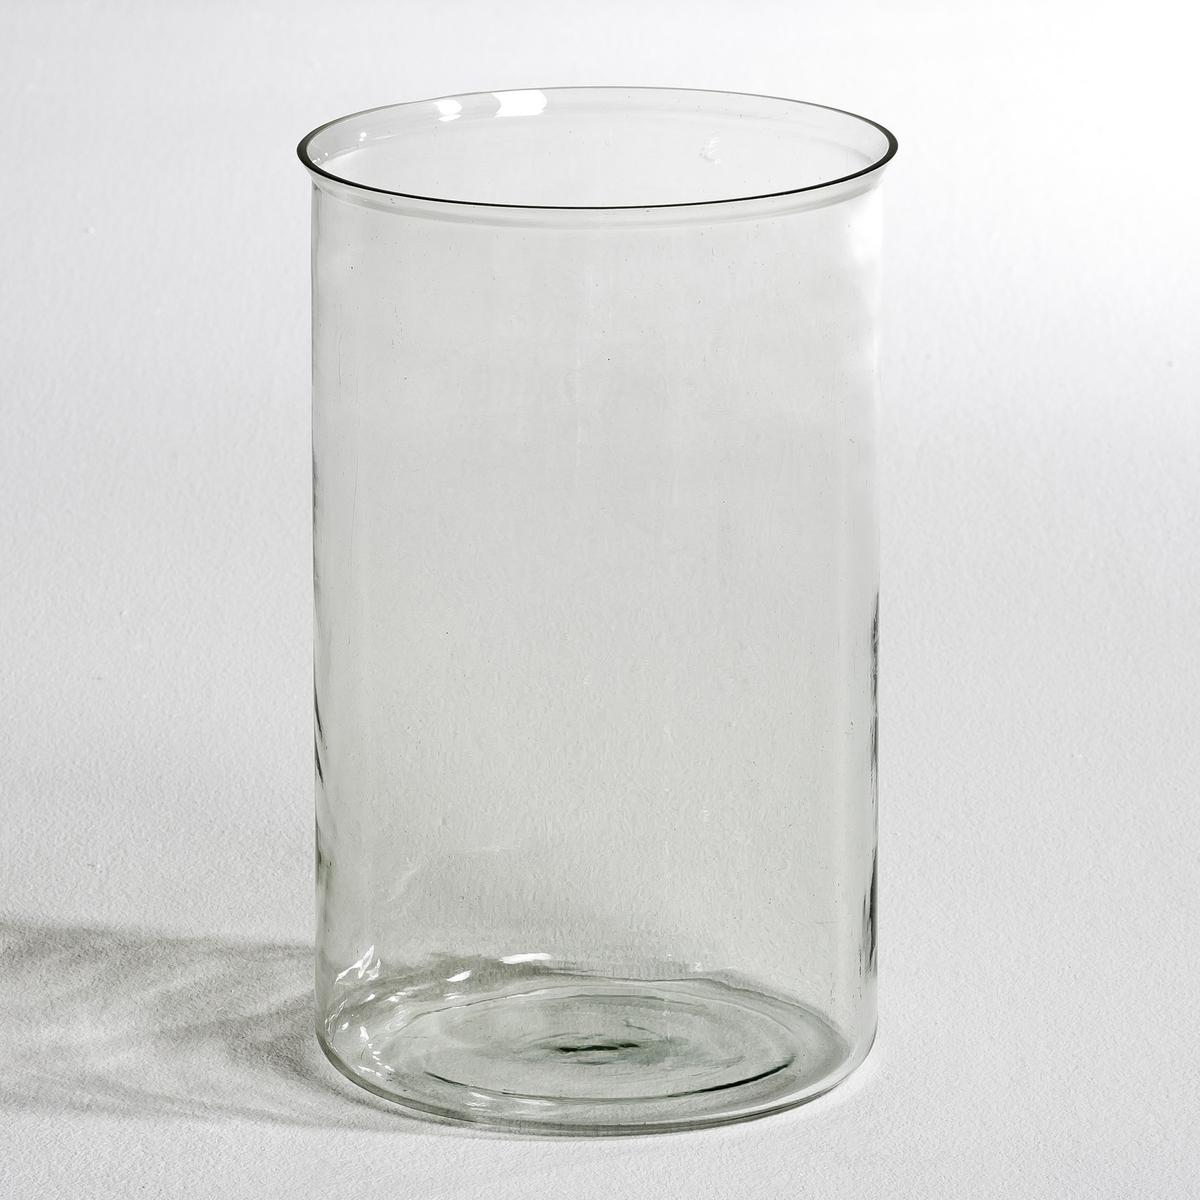 Ваза из стекла Doris, большая модельХарактеристики :Из прозрачного стекла .Размеры :диаметр 21 x высота 34 см.<br><br>Цвет: прозрачный<br>Размер: единый размер